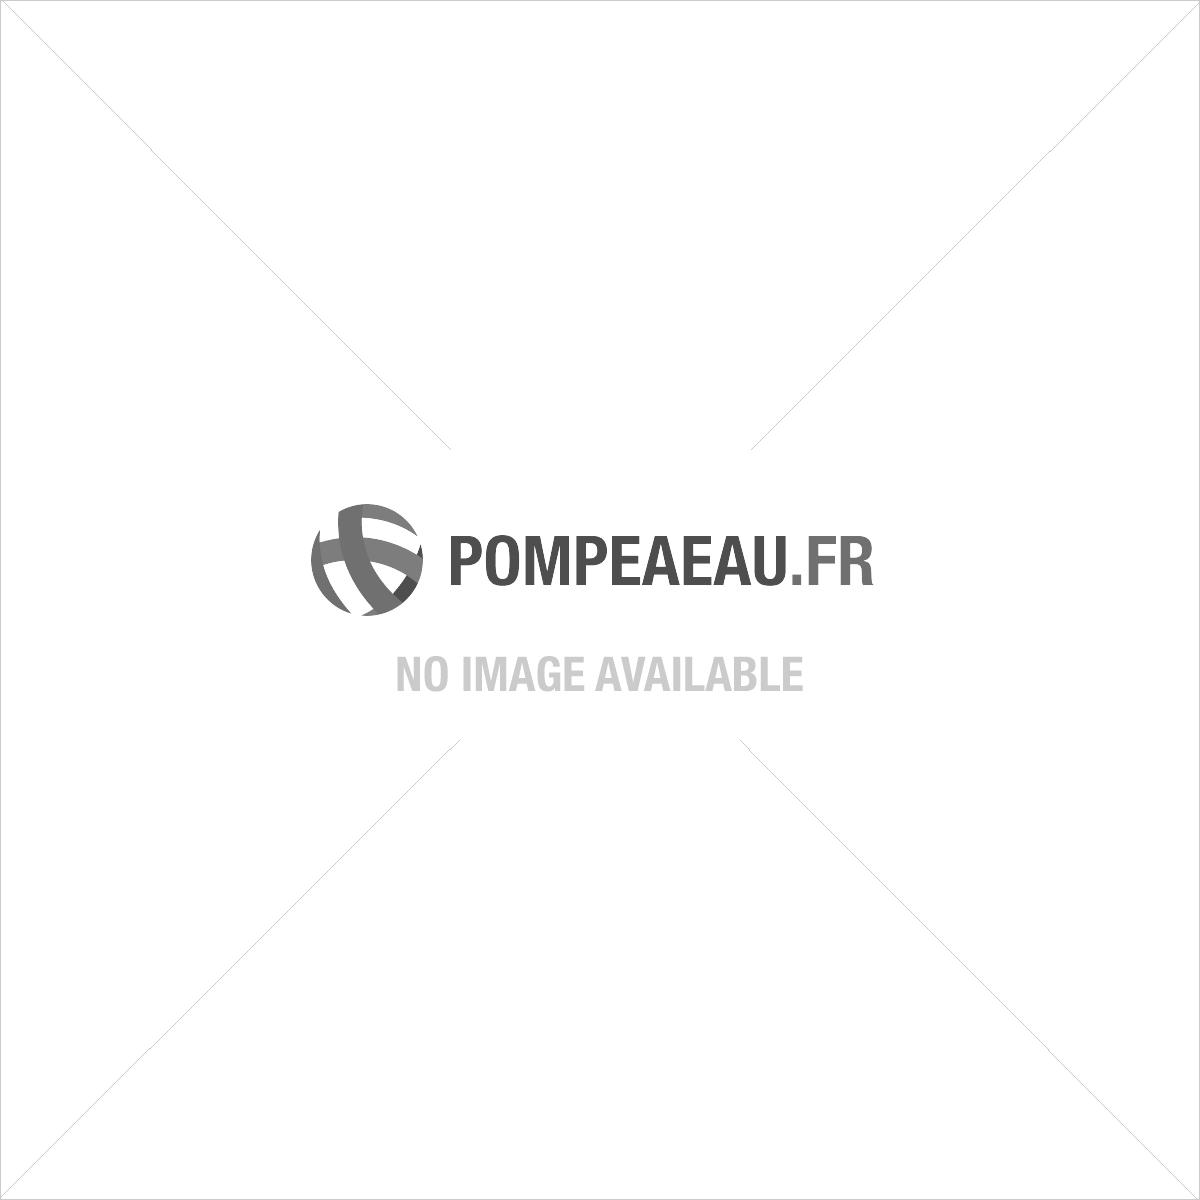 SaniSpeed - Sanibroyeur pour sanitaire